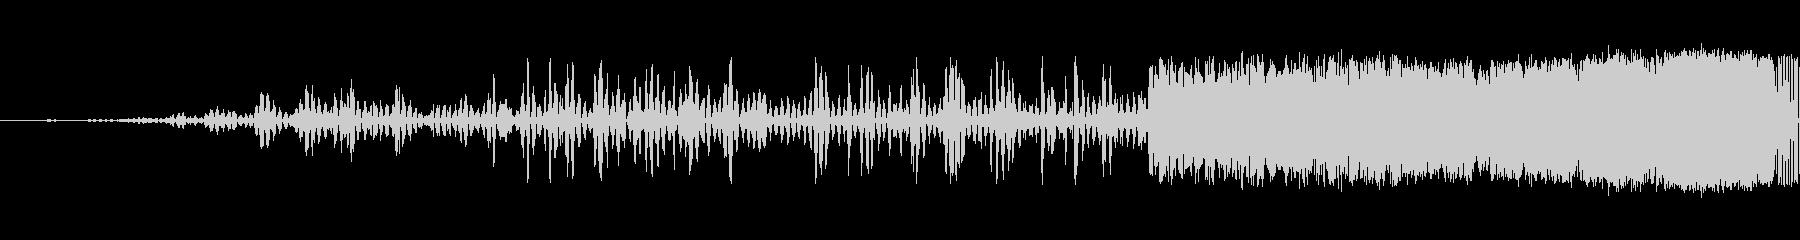 細いスワイプ4の未再生の波形